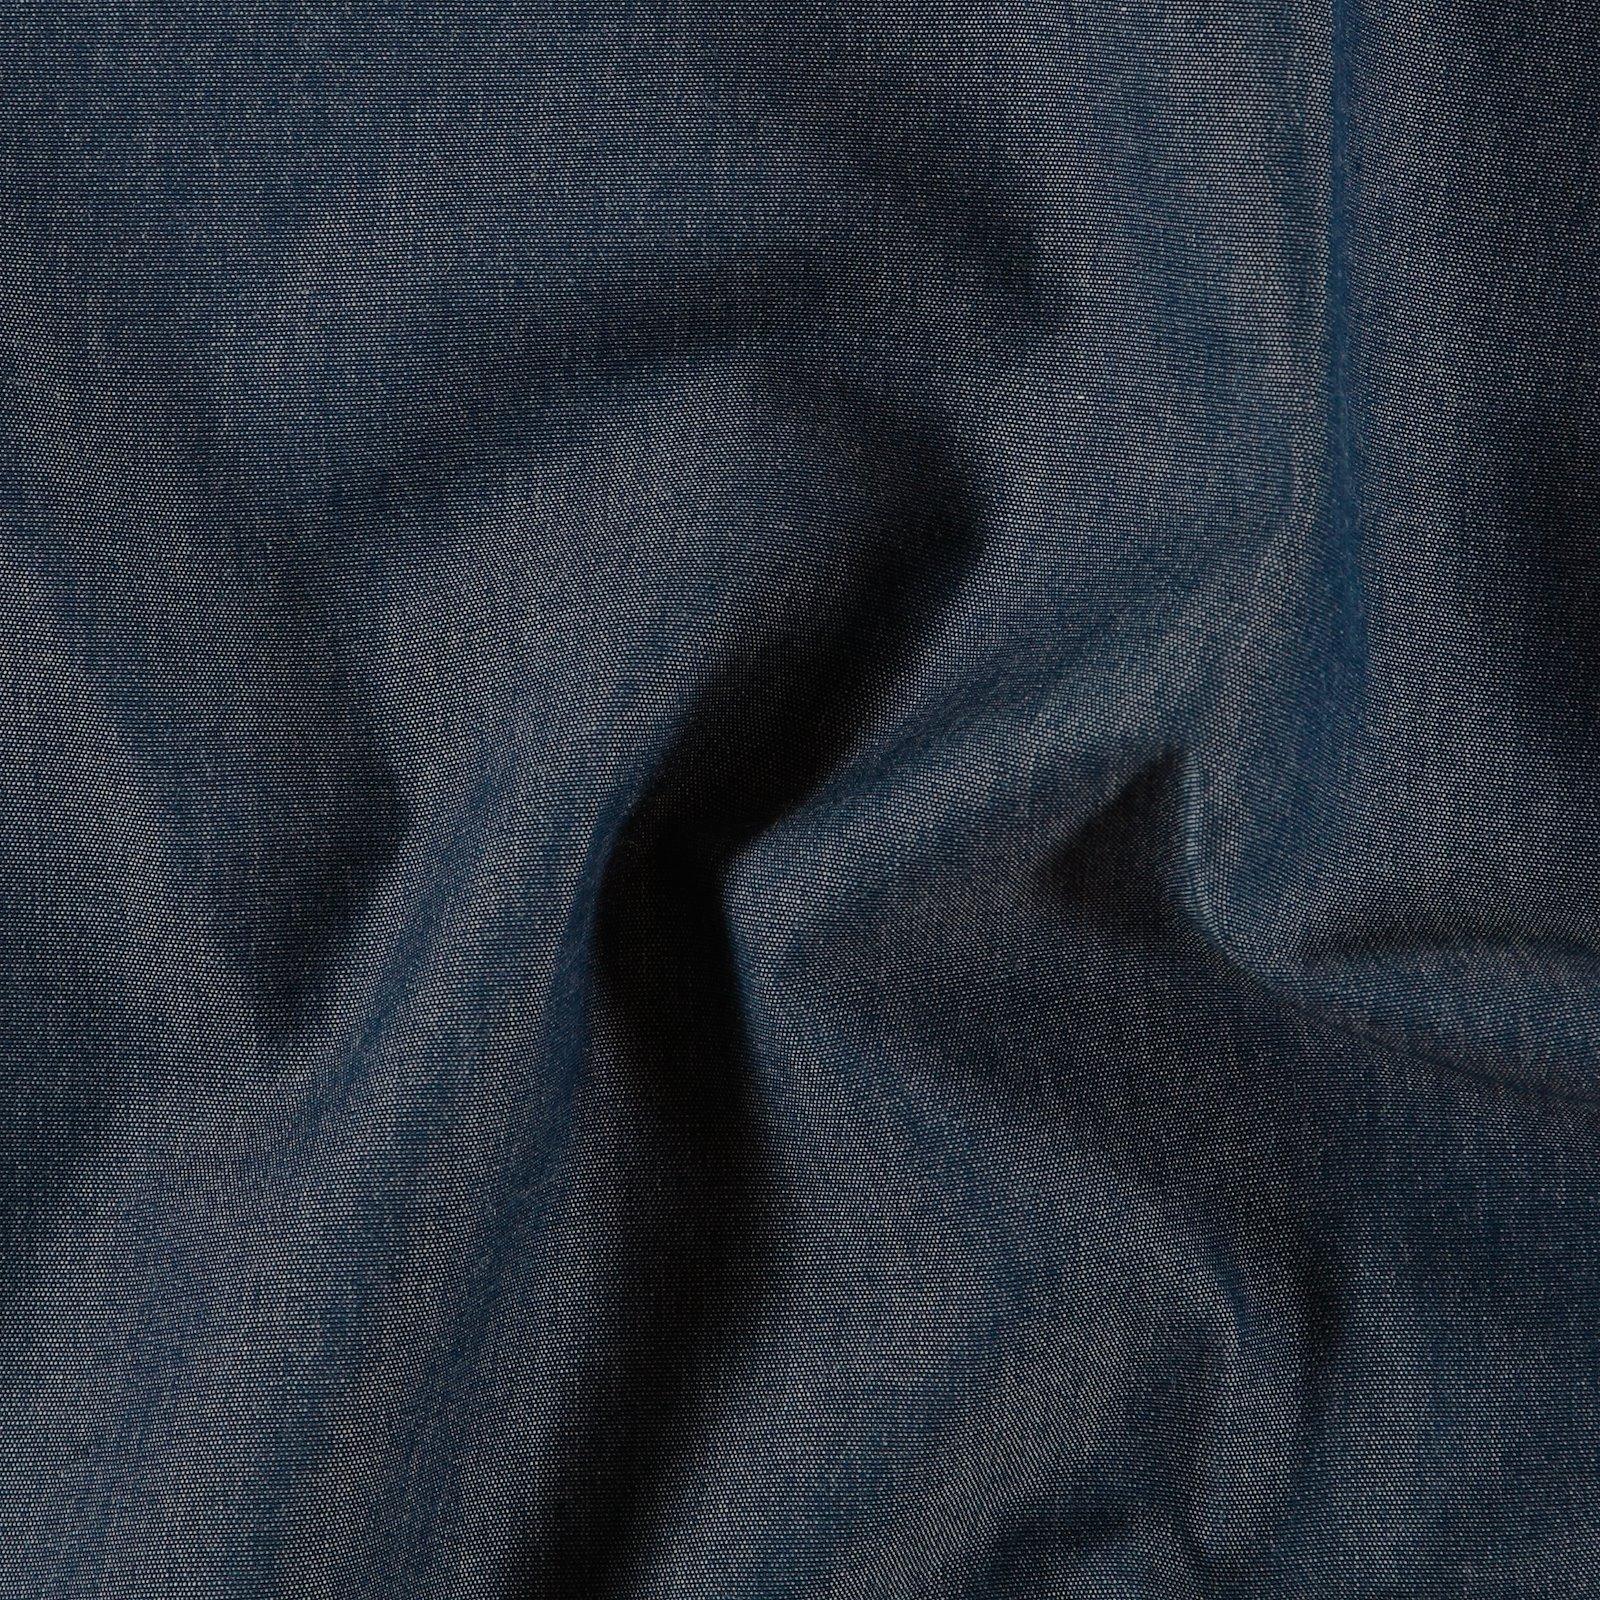 Dralon dark blue melange Teflon coated